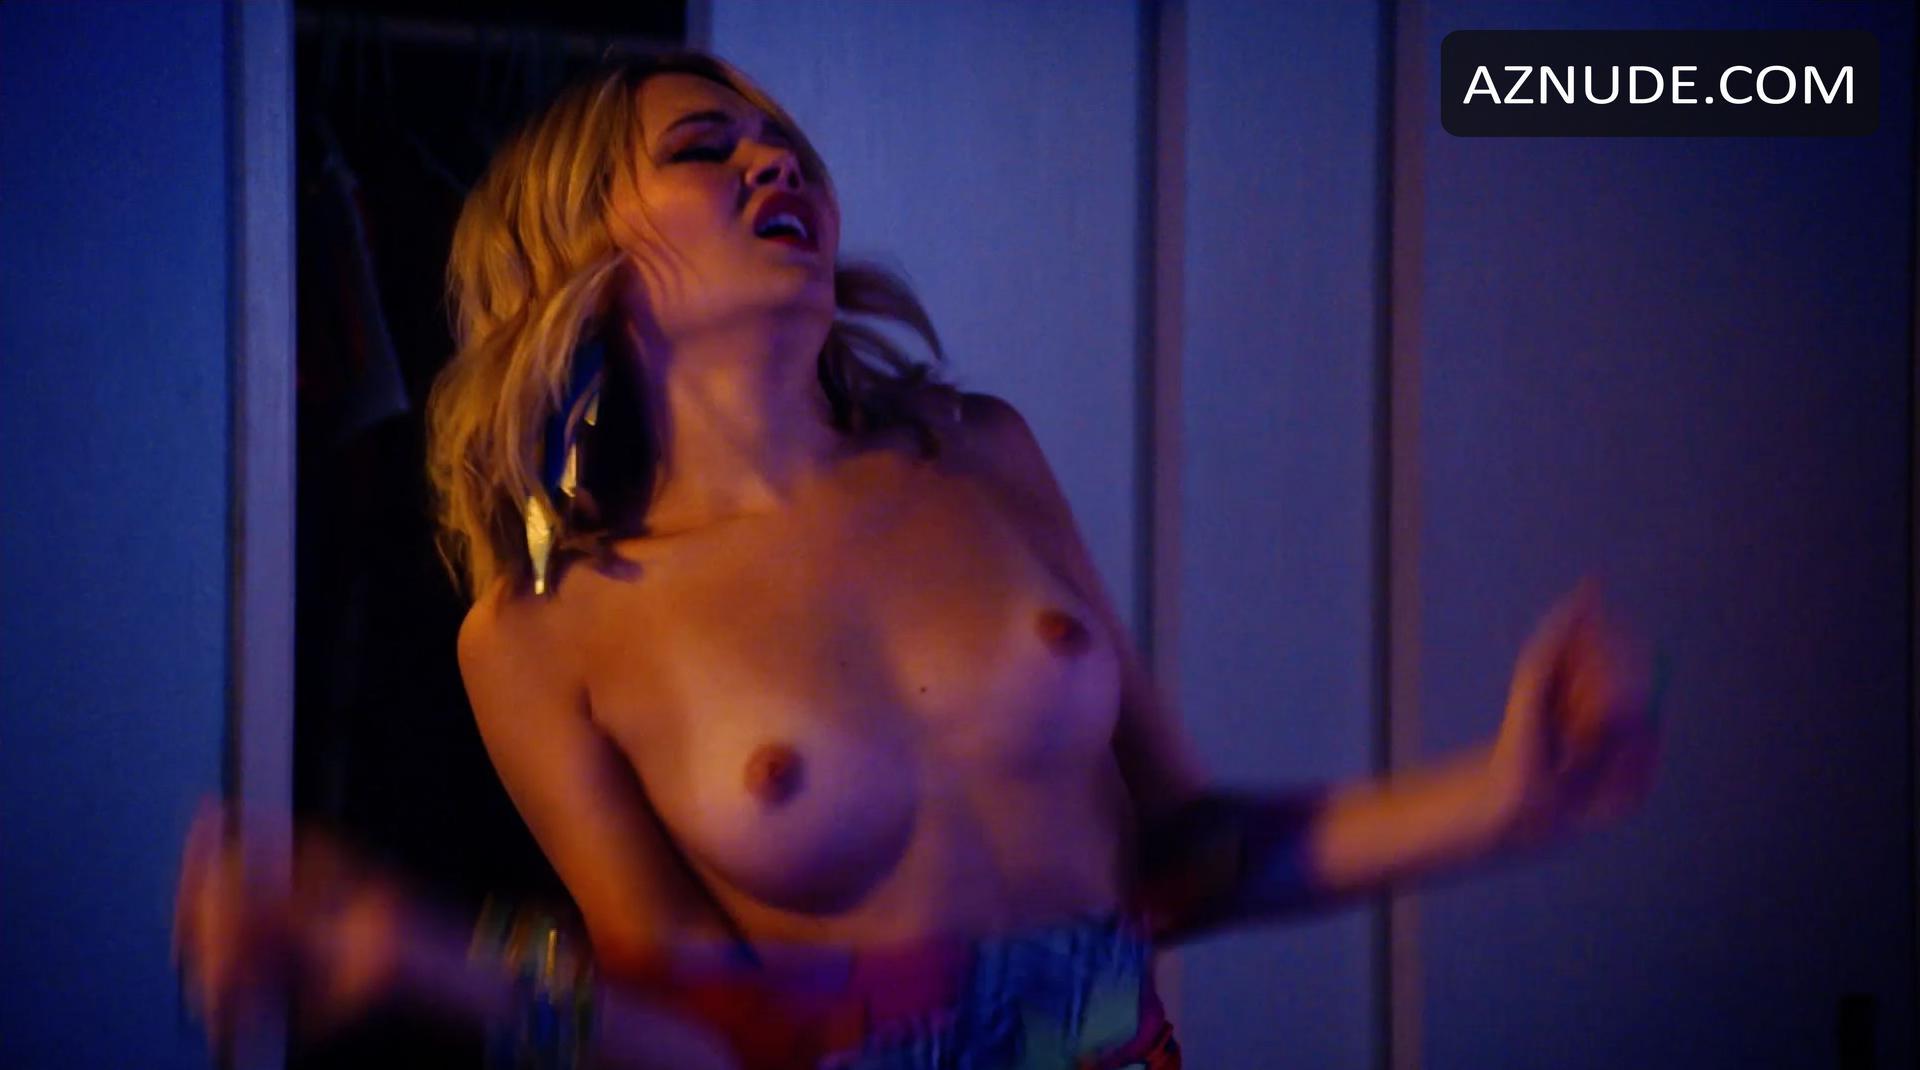 Kelli Berglund Nude